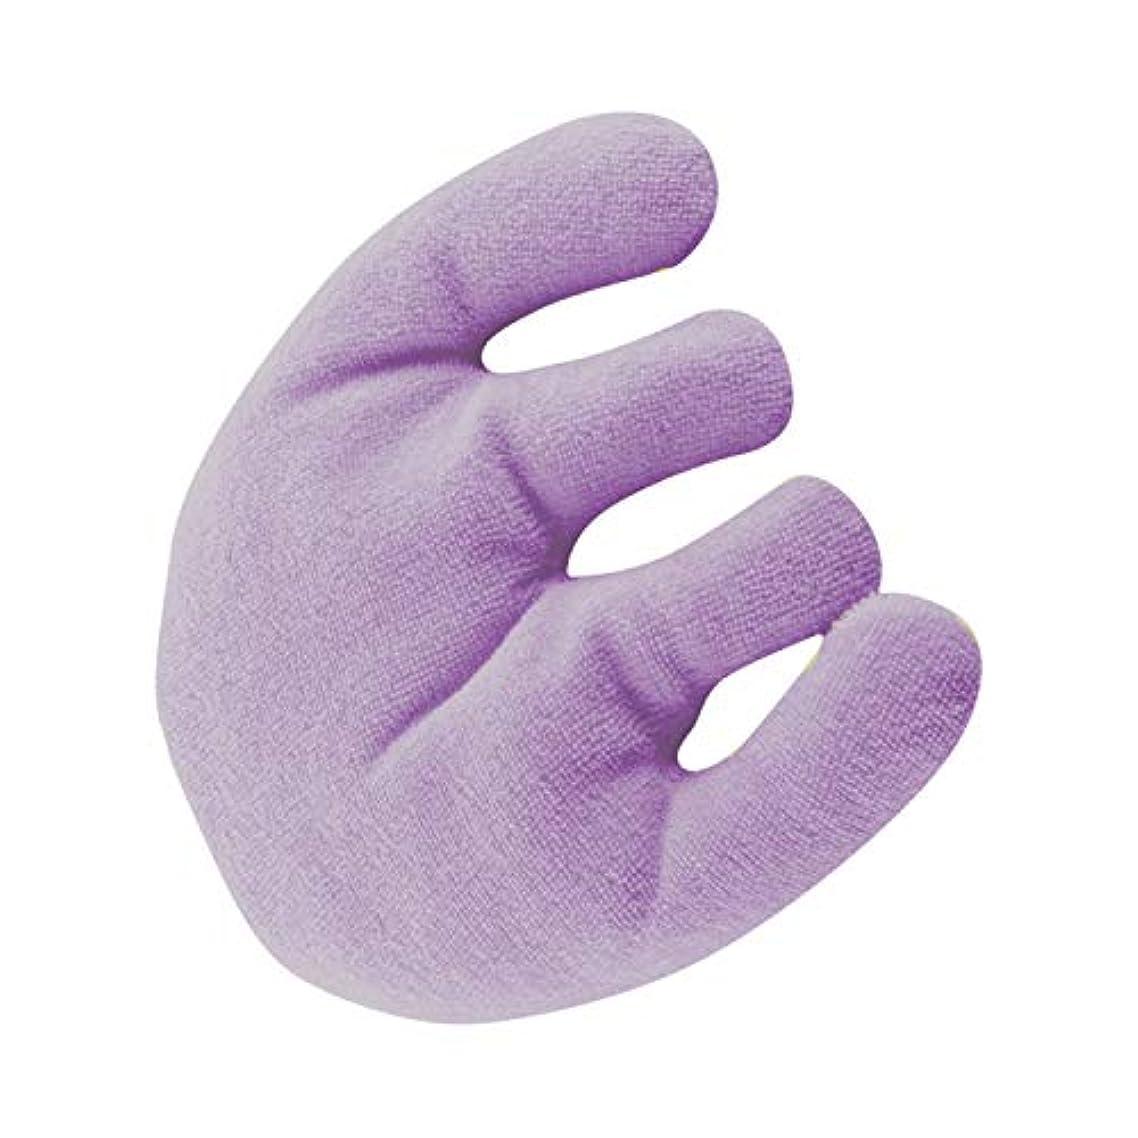 バンド連合おもてなし癒し手枕 ふかふか リラックス バネ指